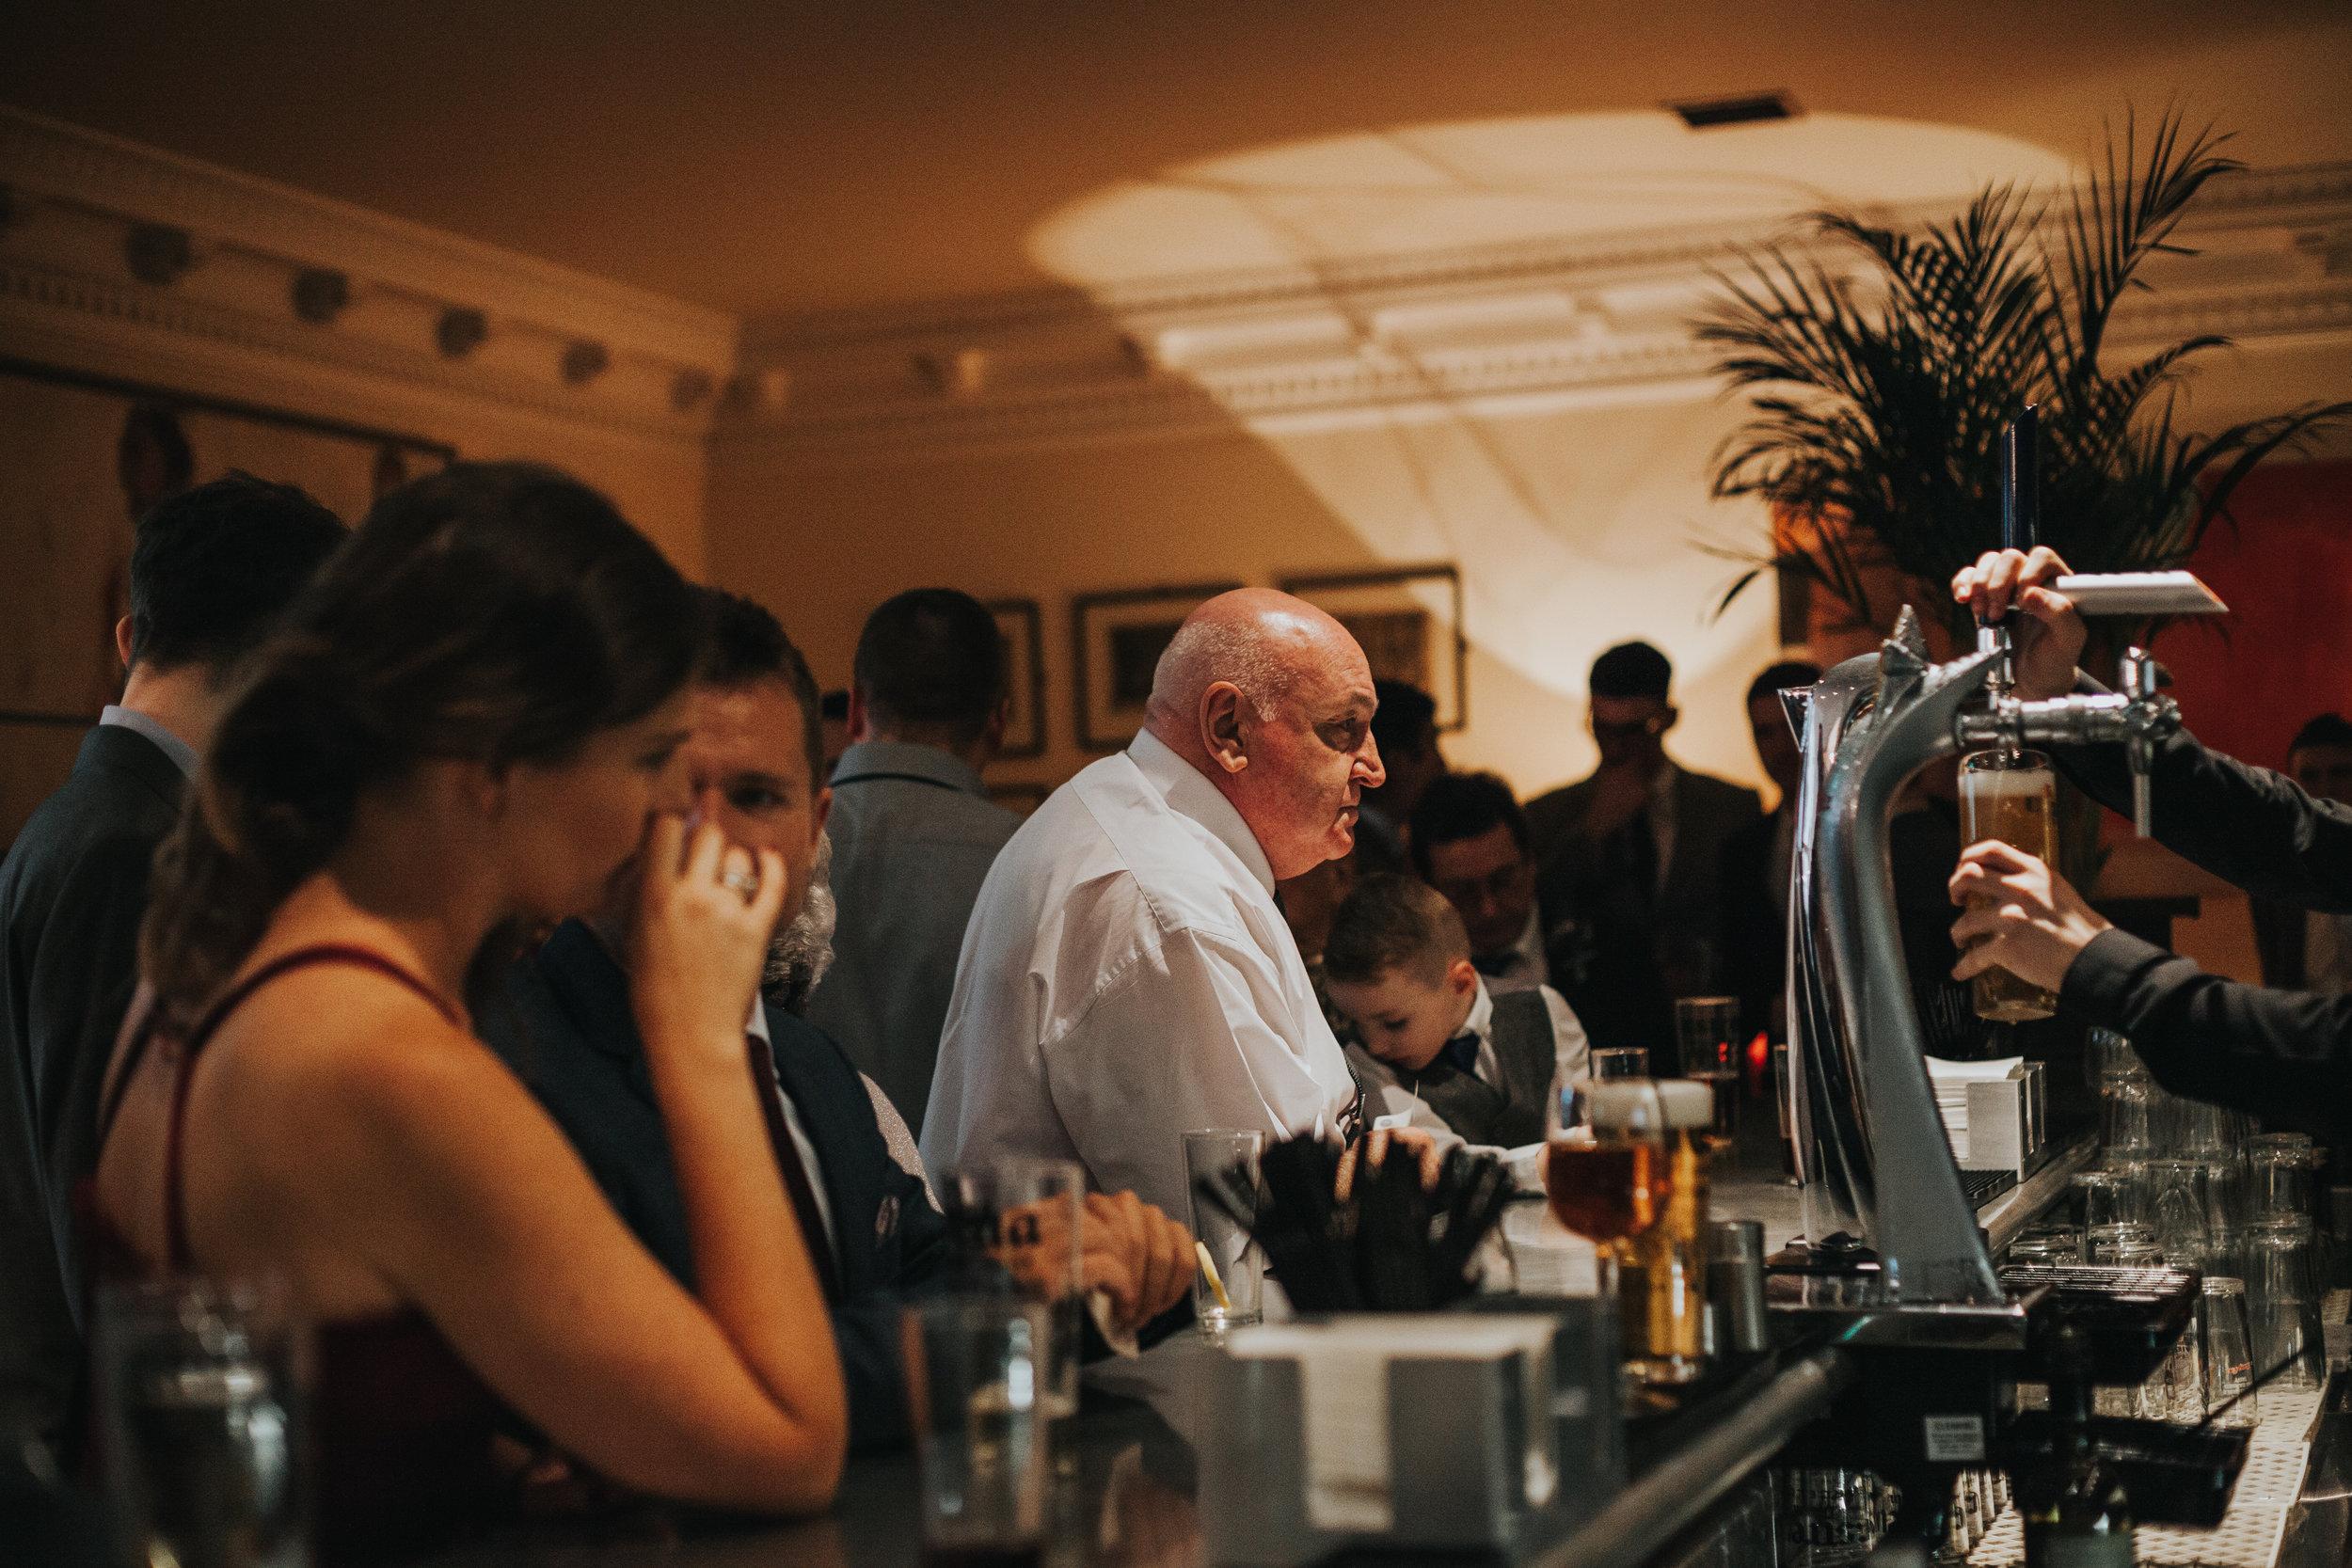 Guests waiting at bar